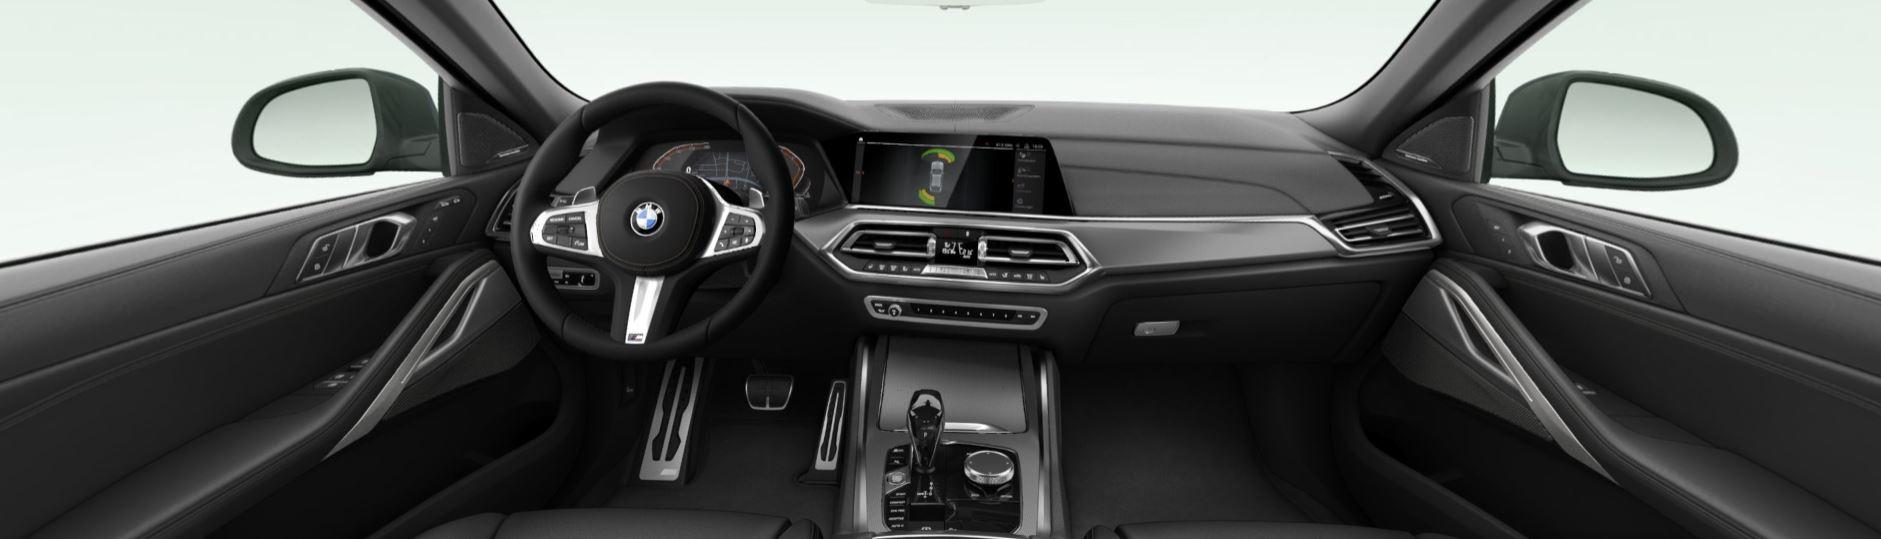 BMW-X6-xDrive30d-4